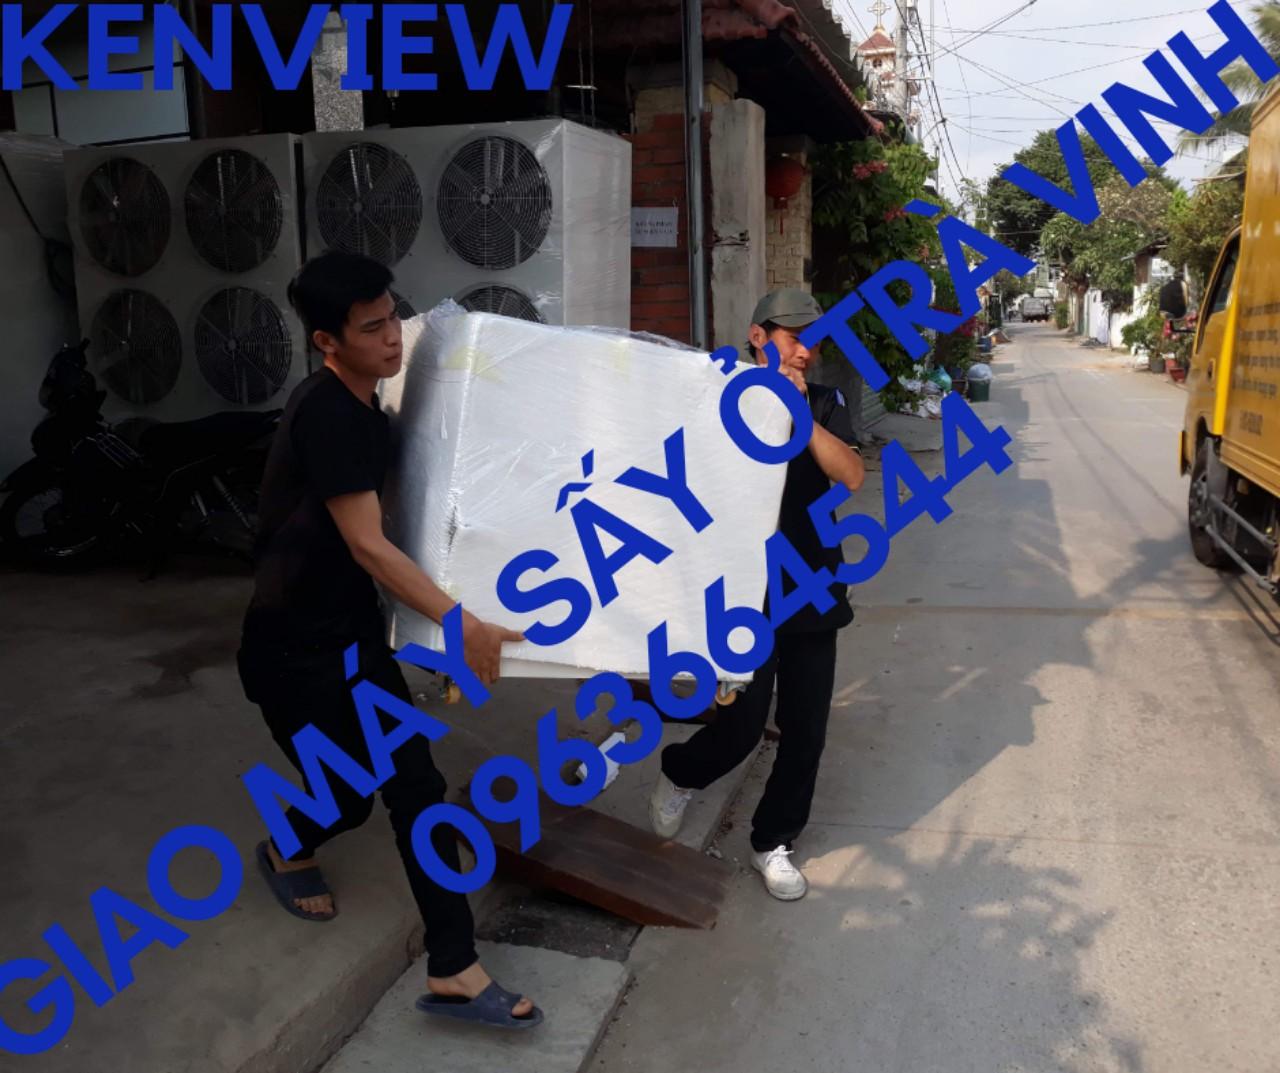 Kenview cung cấp máy sấy tôm khô, cá khô, hải sản ở Trà Vinh 0963664544